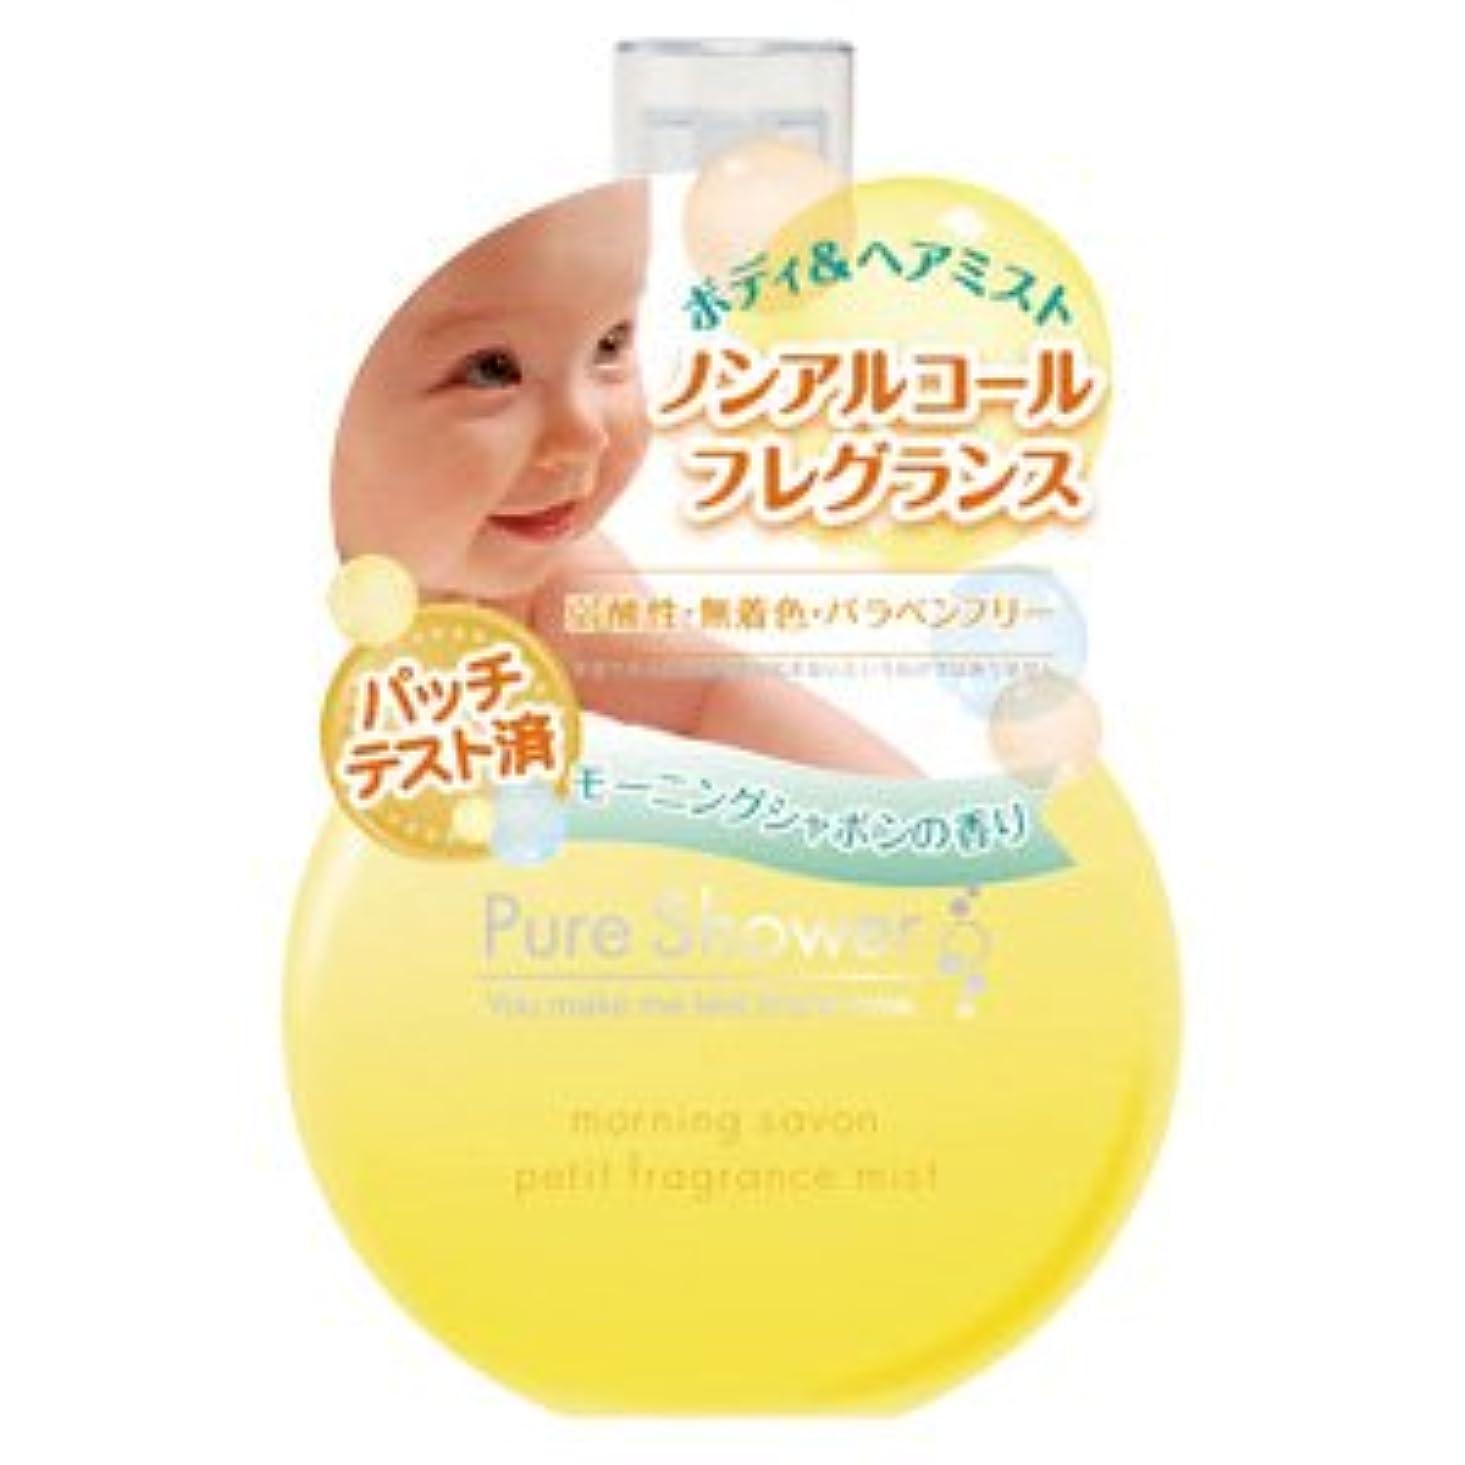 延ばすローン合法ピュアシャワー Pure Shower ノンアルコール フレグランスミスト モーニングシャボン 50ml